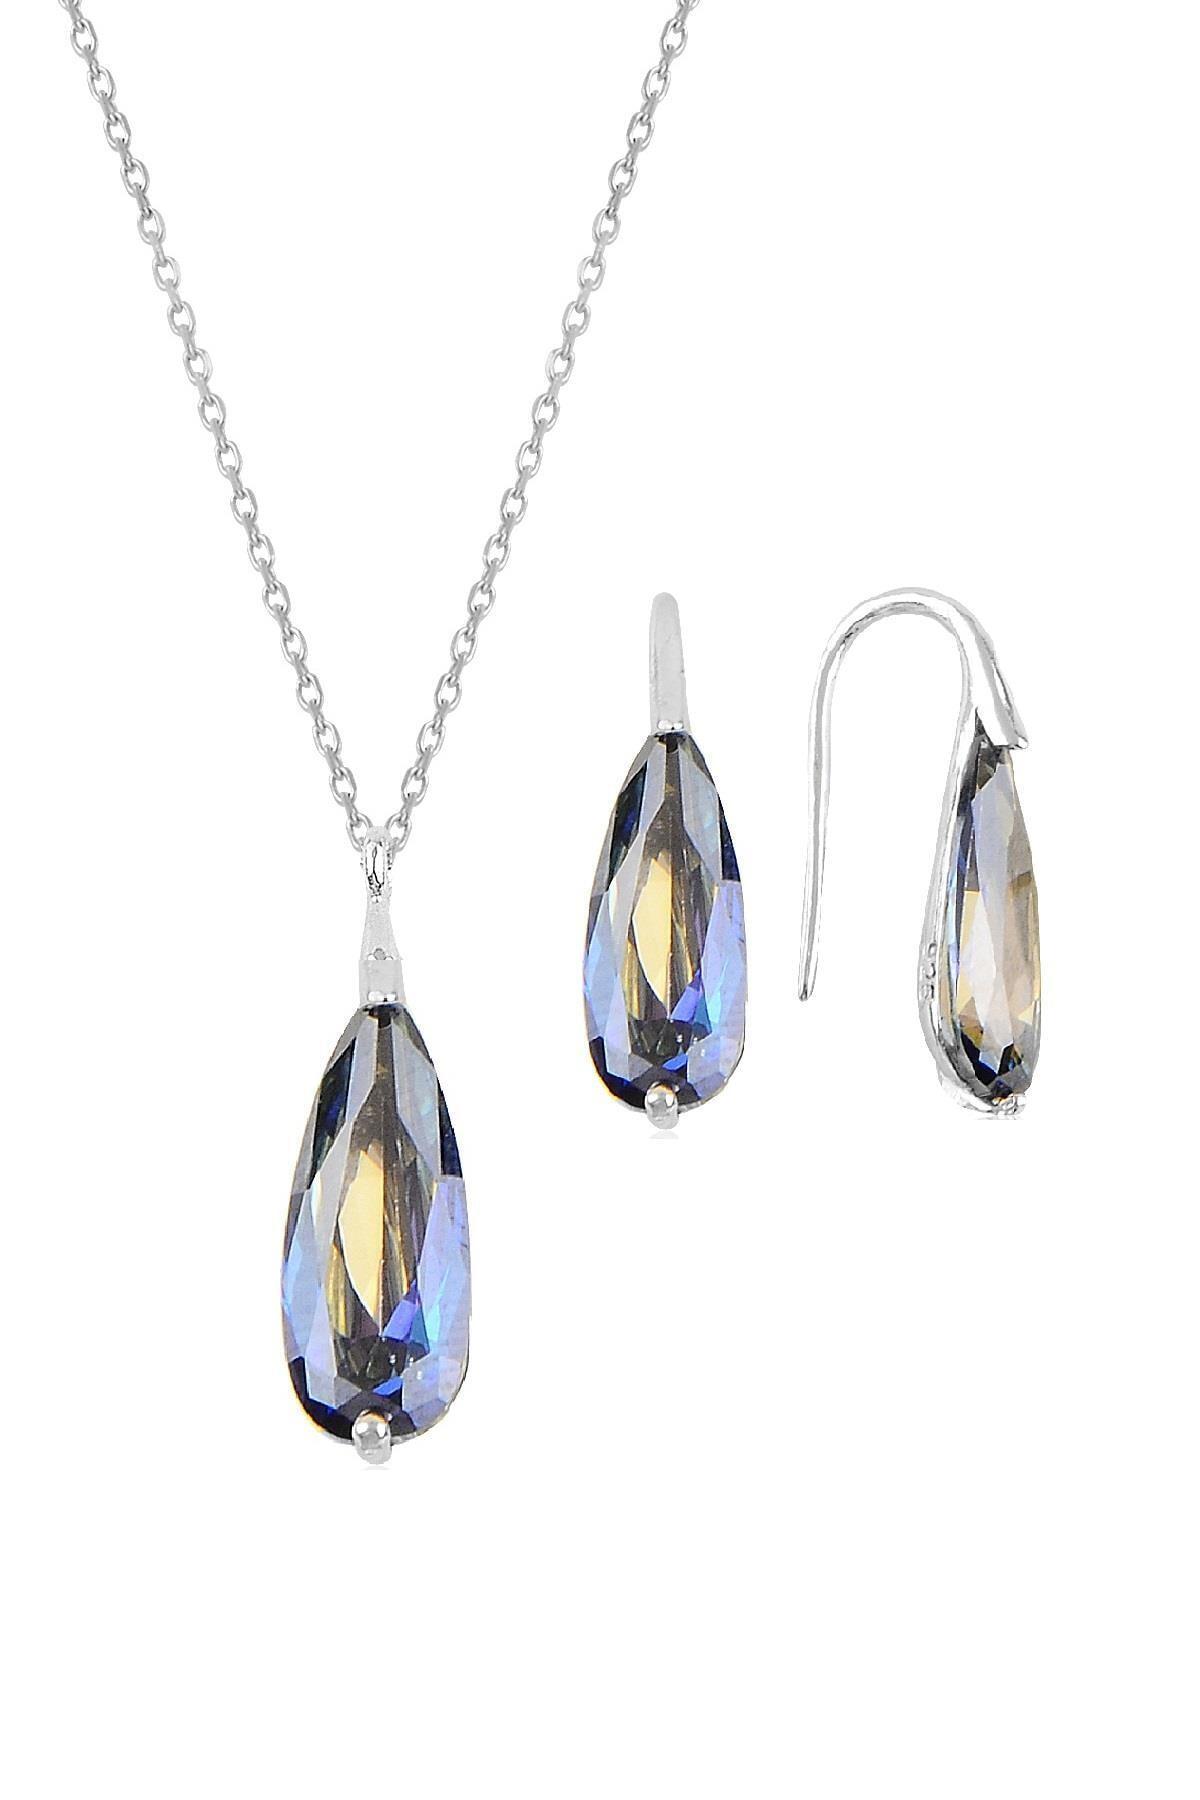 Söğütlü Silver Gümüş rodyumlu mavi mistik  taşlı damla kolye ve küpe ikili gümüş set